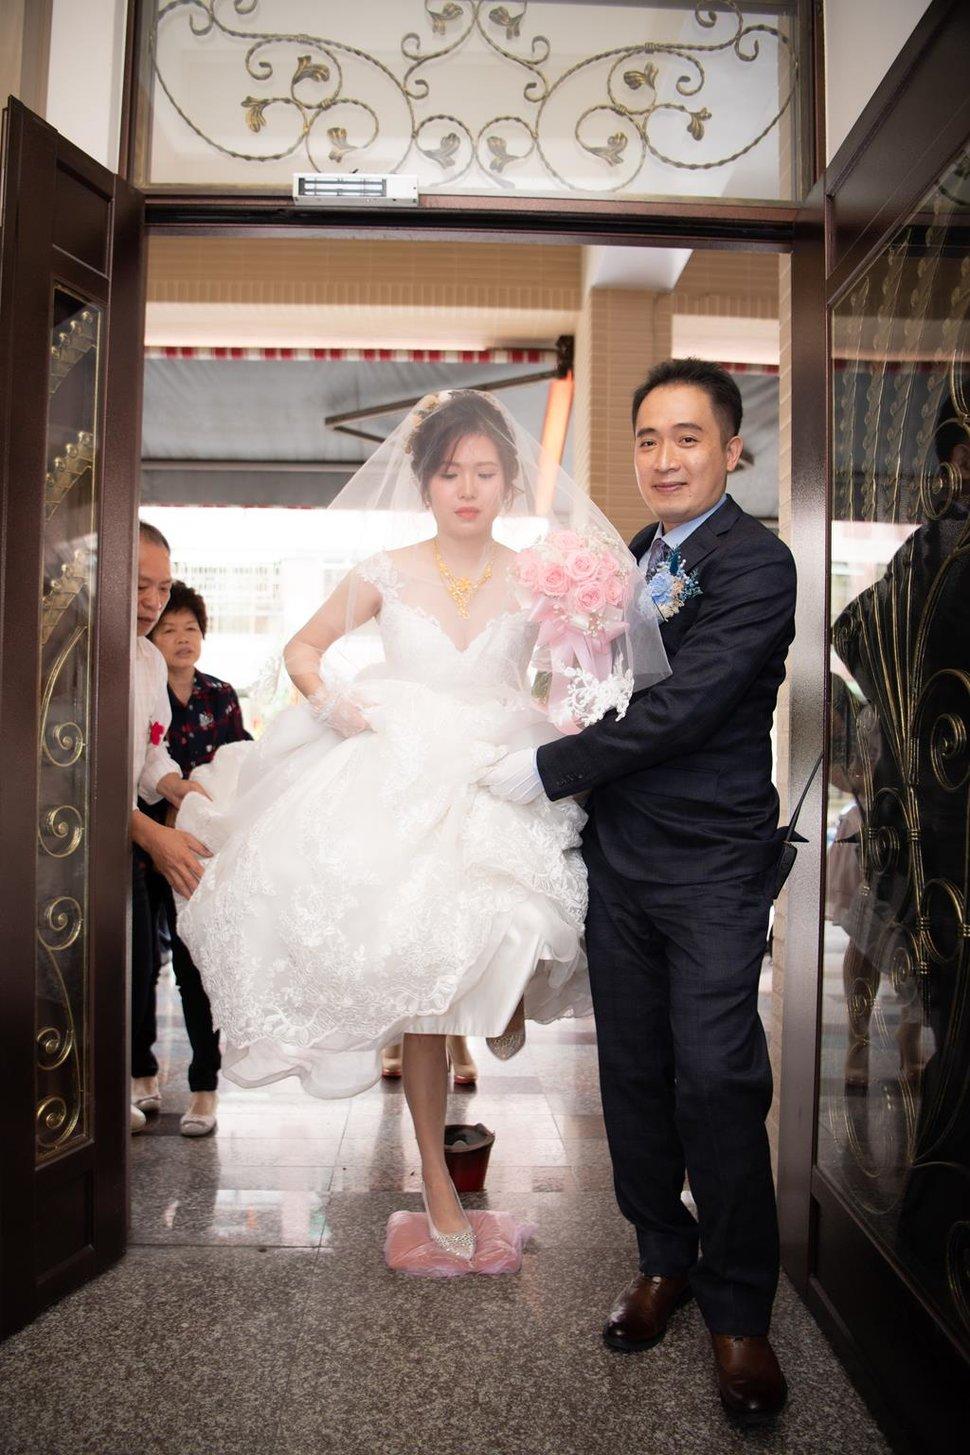 書孟&逸琳婚禮紀實-2-32 - Mr. Happiness 幸福先生《結婚吧》